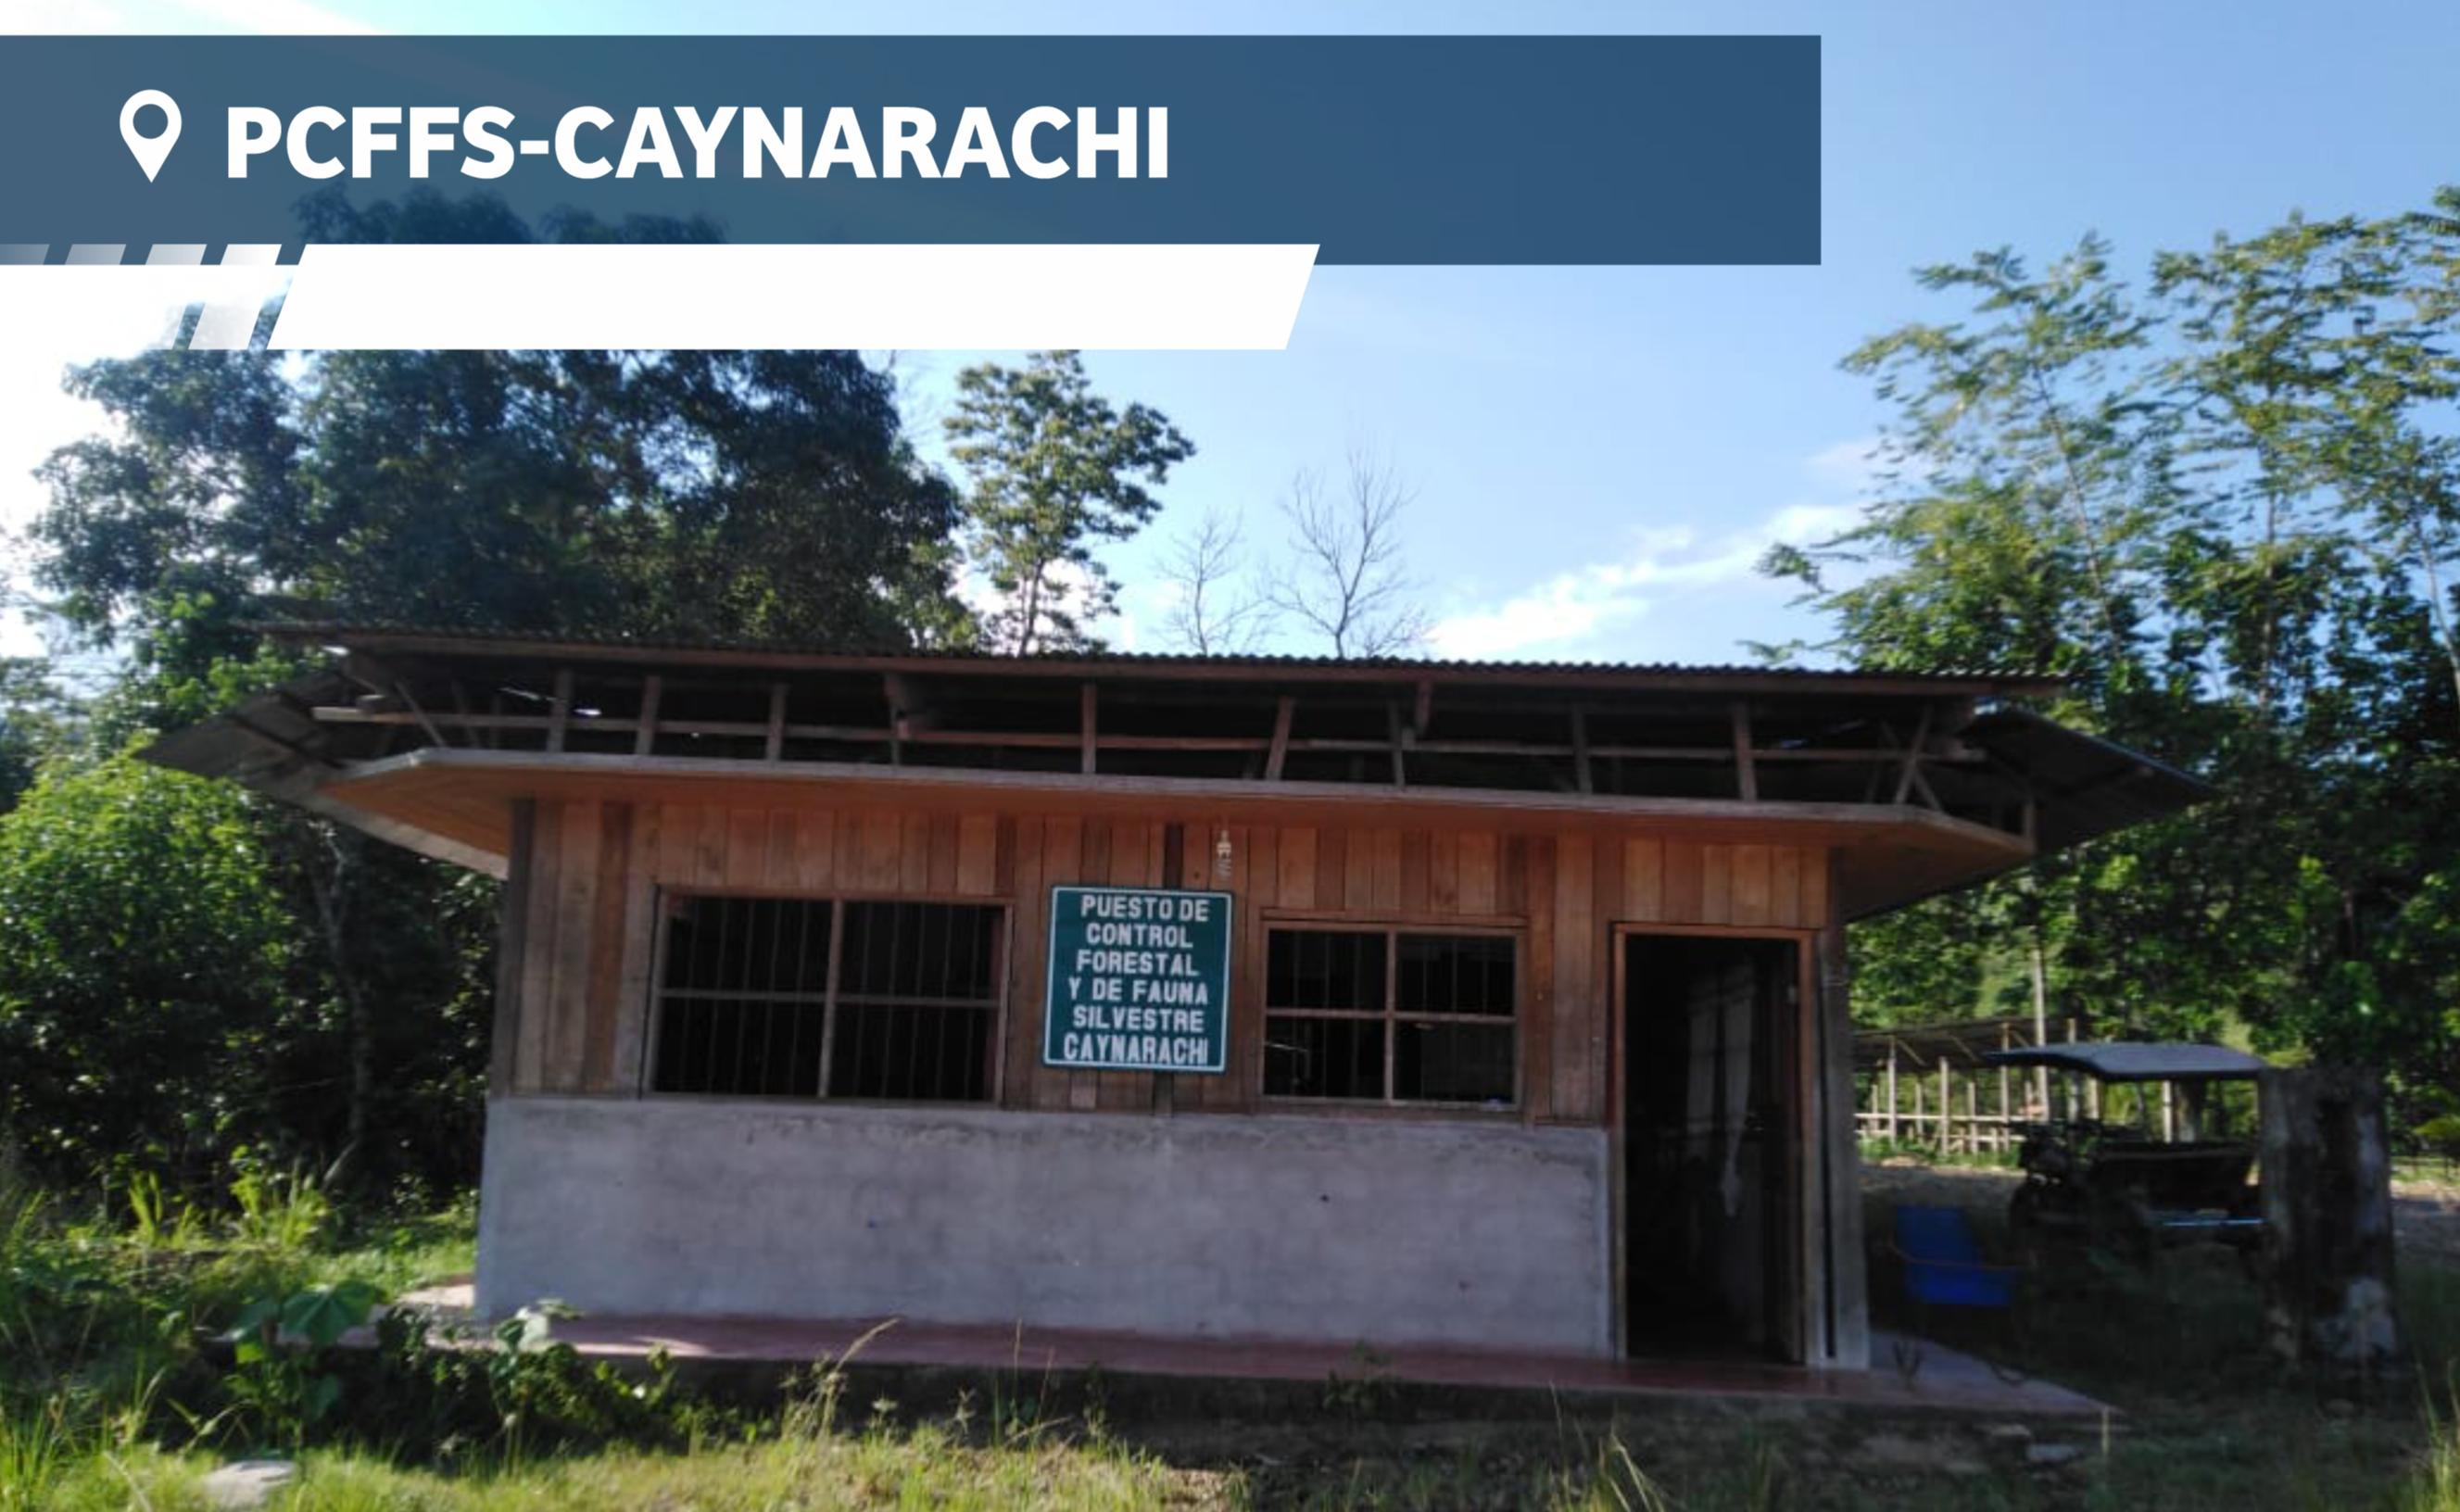 PUESTO DE CONTROL FORESTAL Y FAUNA SILVESTRE - CAYNARACHI